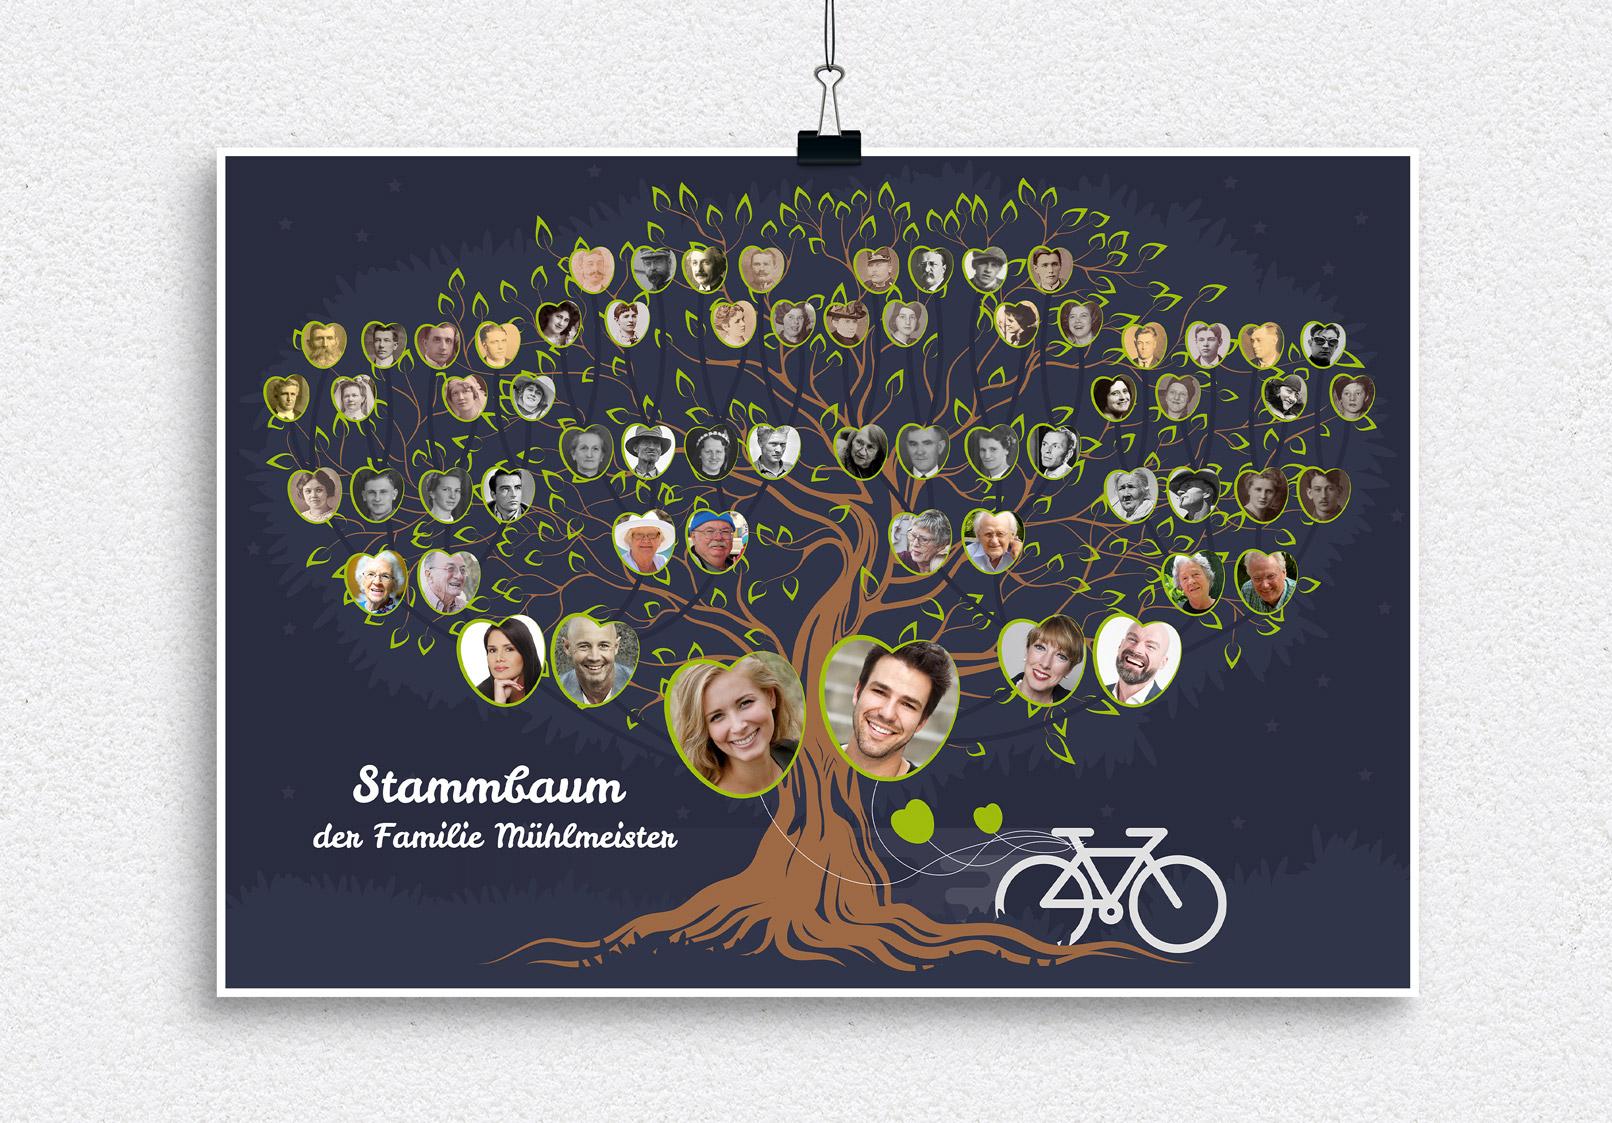 Großflächige Vorlage zur Darstellung einer Ahnentafel in Form eines Stammbaums